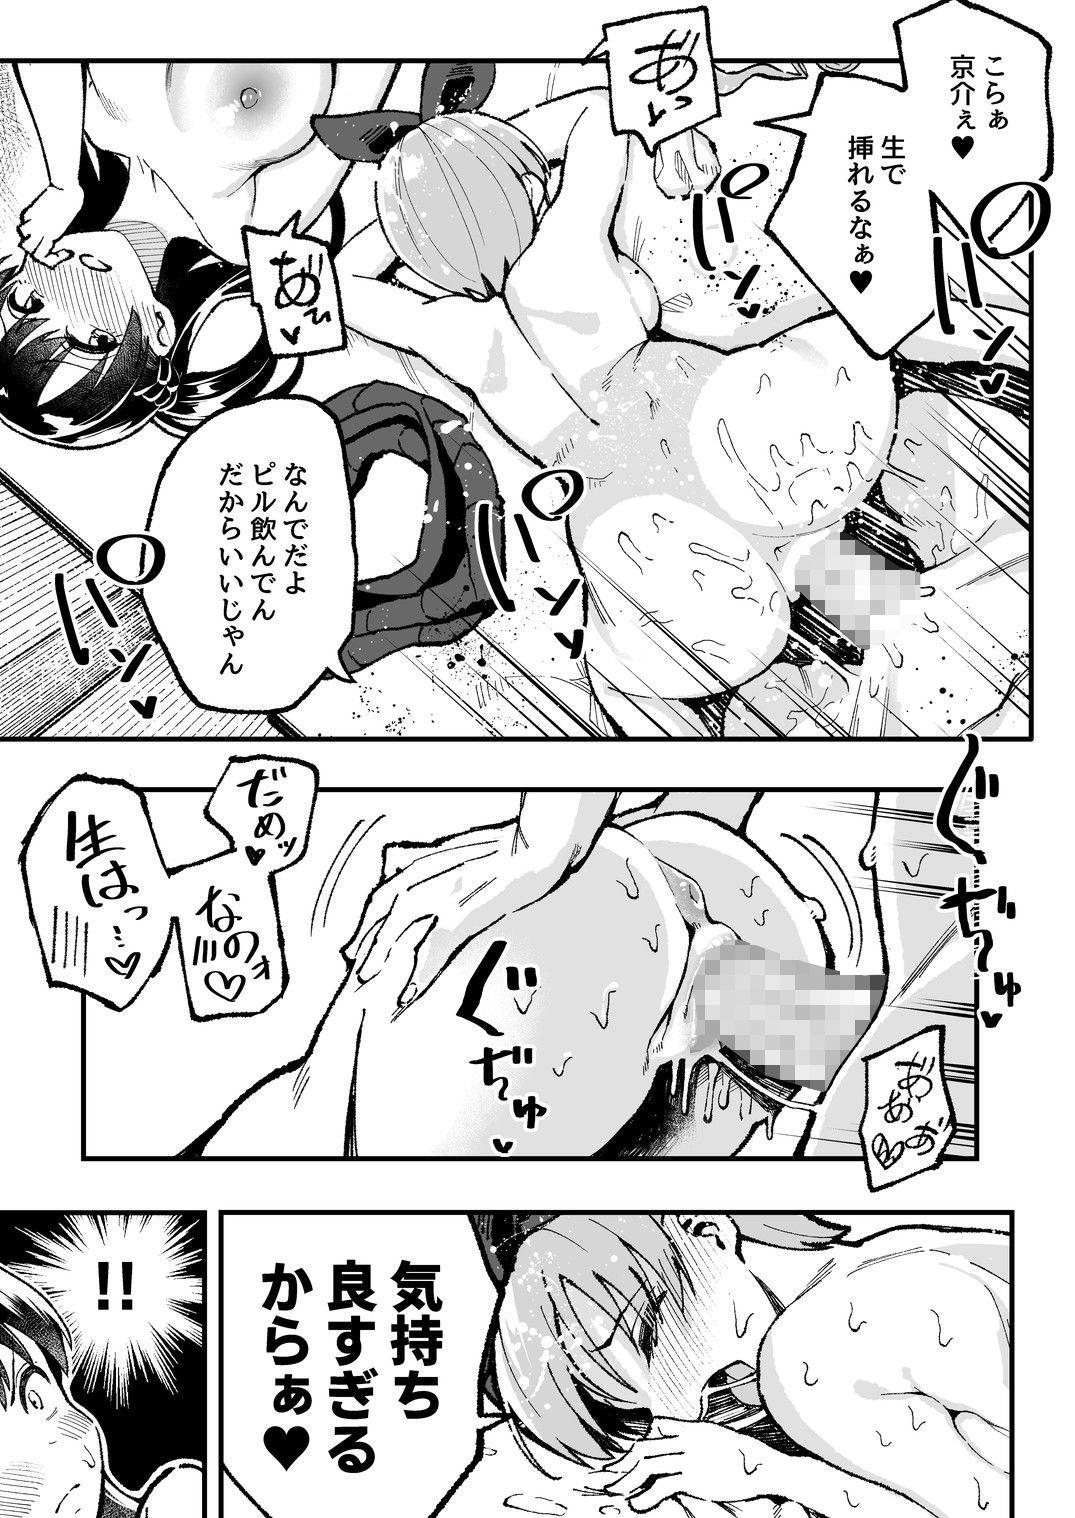 【エロ漫画無料大全集】意気消沈する彼らを見かねた友達カップルは イくコツ、イかせるコツを伝授するために スワッピングを提案する。